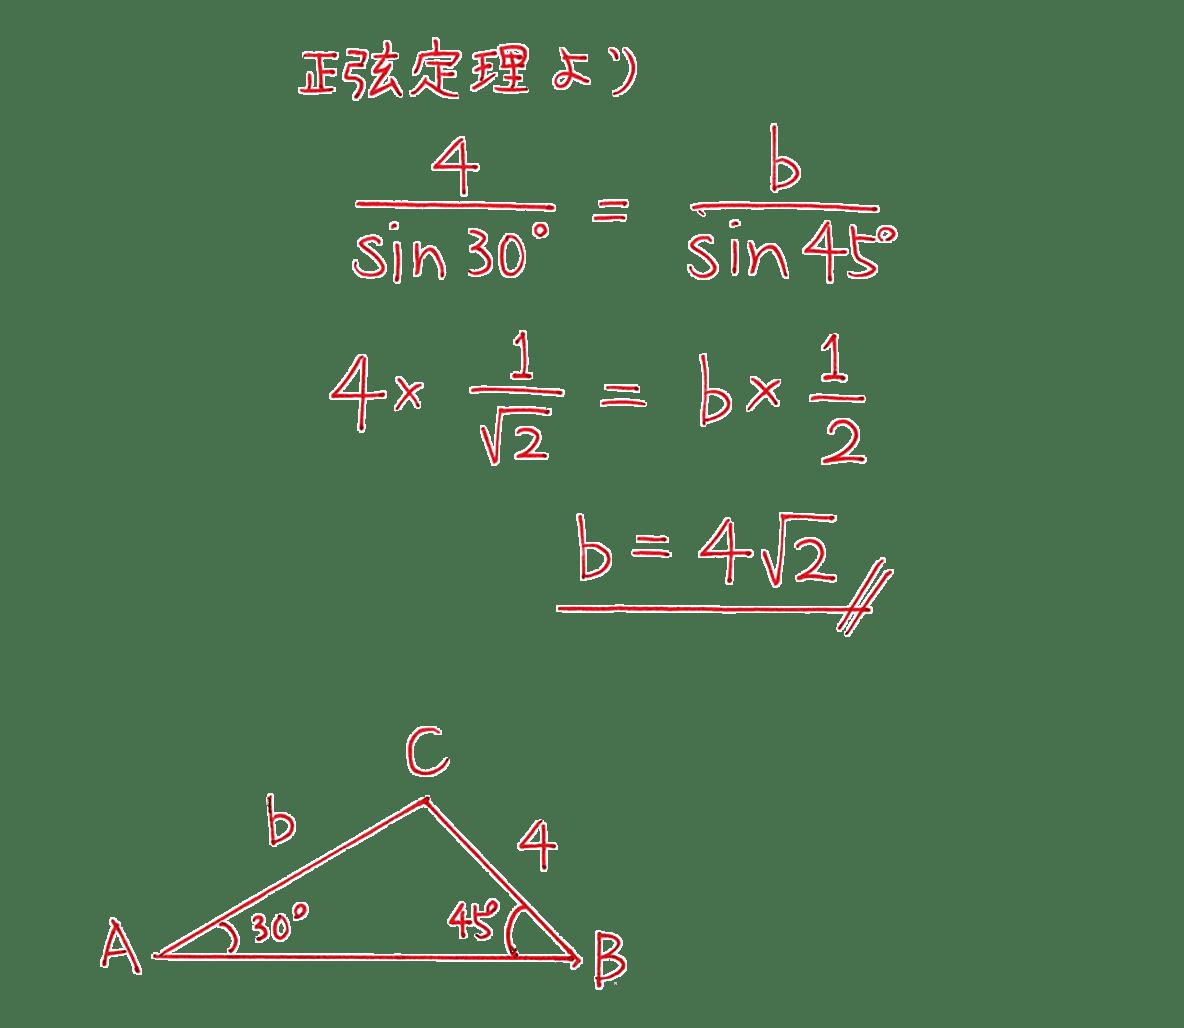 高校数学Ⅰ 三角比20 例題の答え